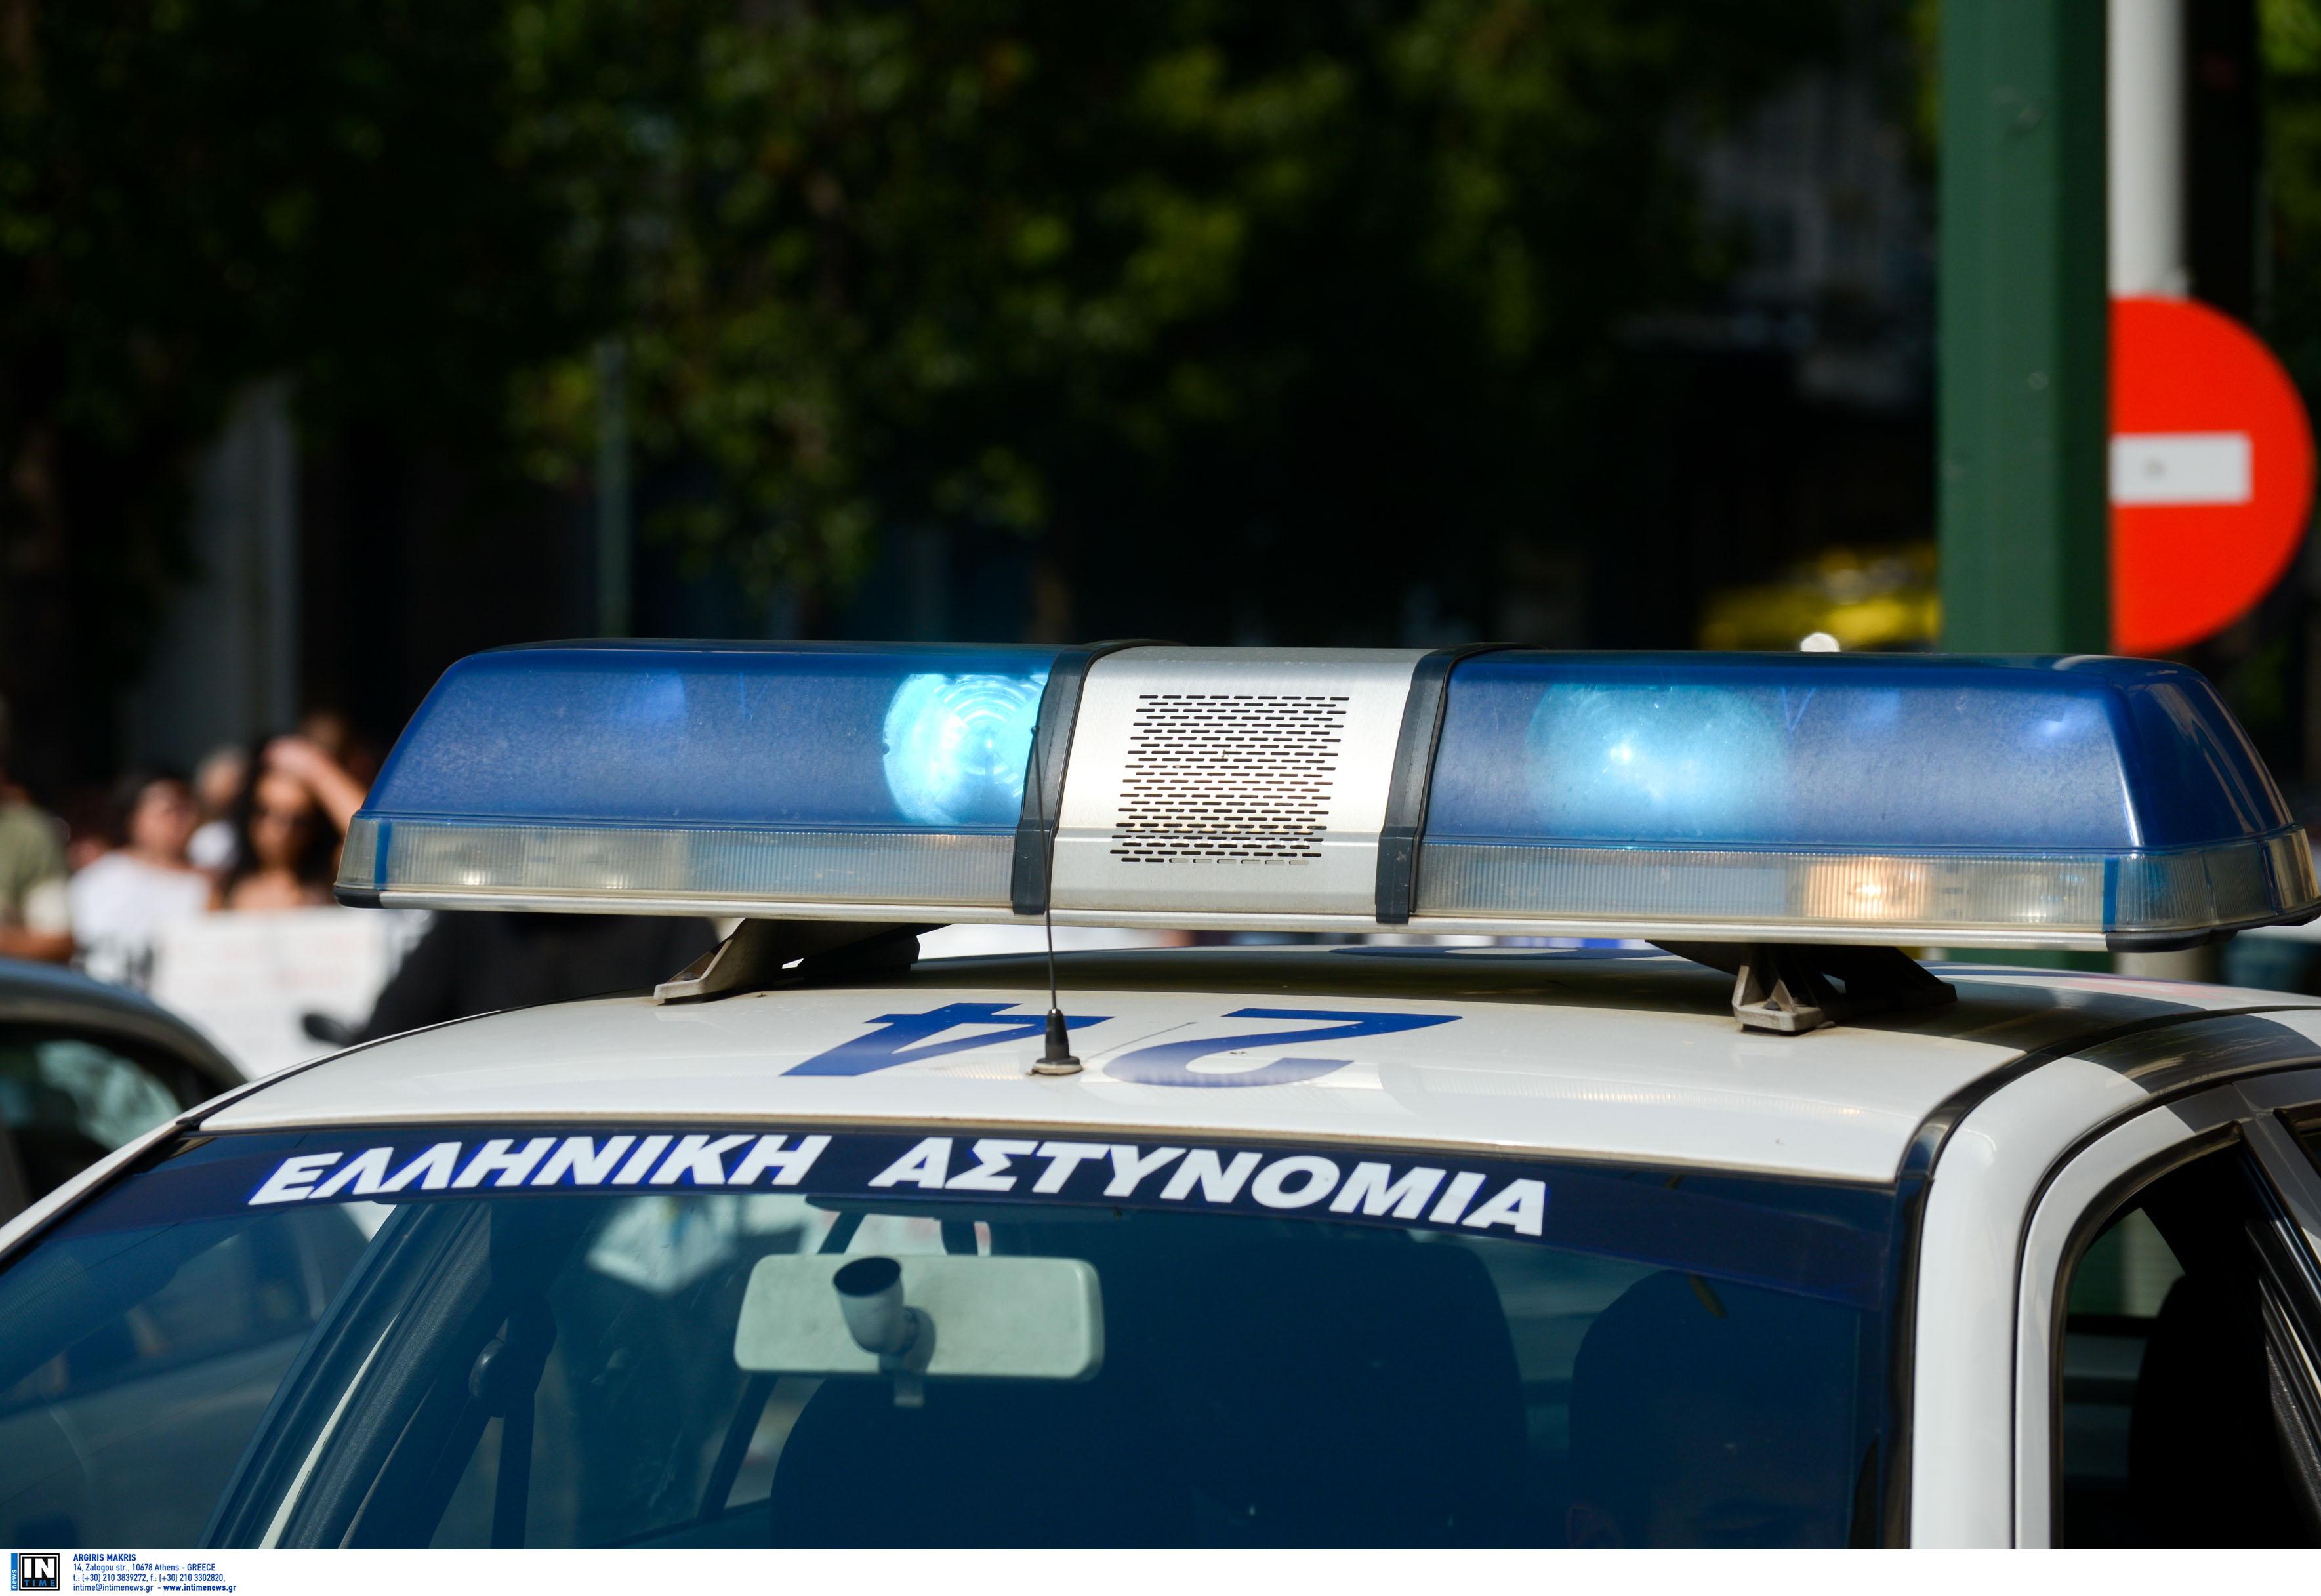 Κρήτη: Σκοτώθηκε νεαρός οδηγός μηχανής – Μεγαλώνει καθημερινά η λίστα των θυμάτων της ασφάλτου!